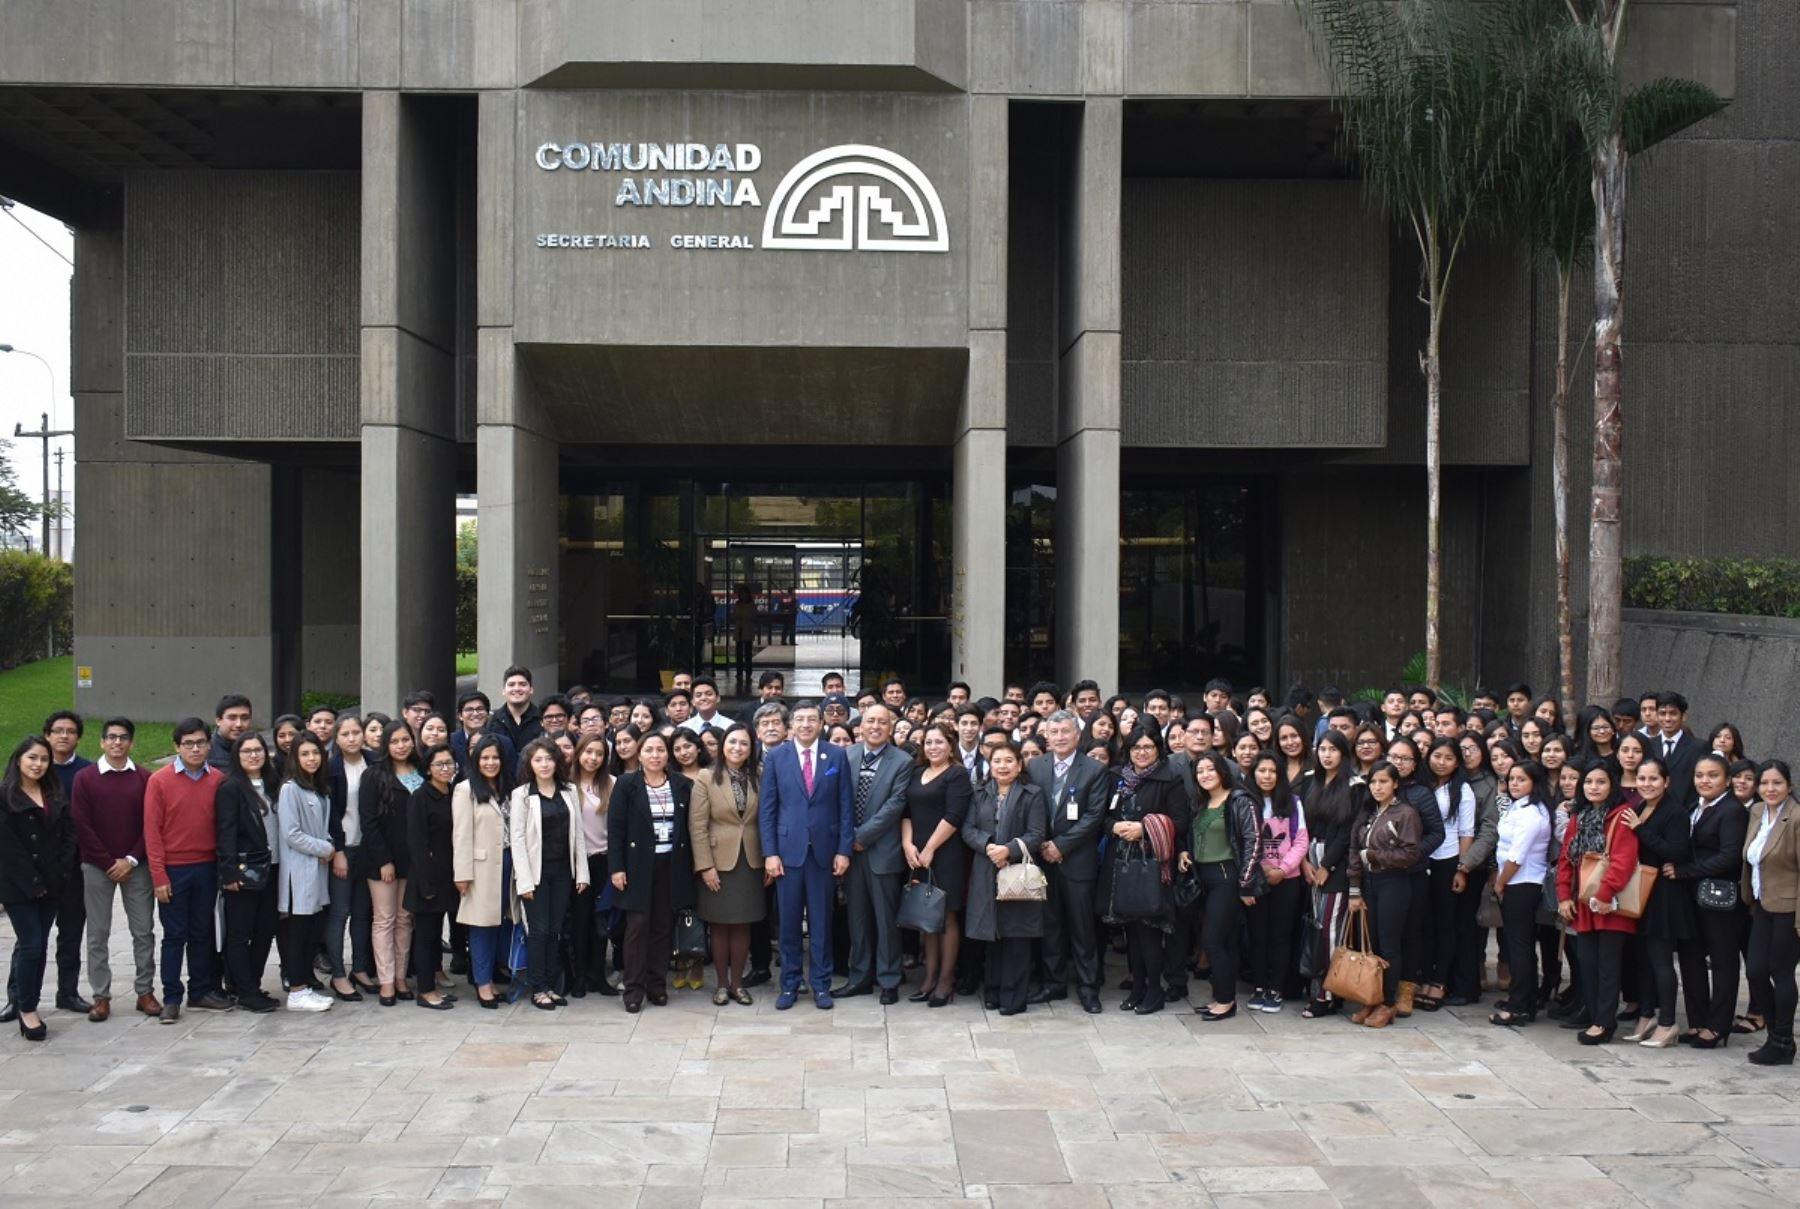 Universitarios acuden a la CAN para conocer más sobre el bloque regional. Foto: Cortesía.